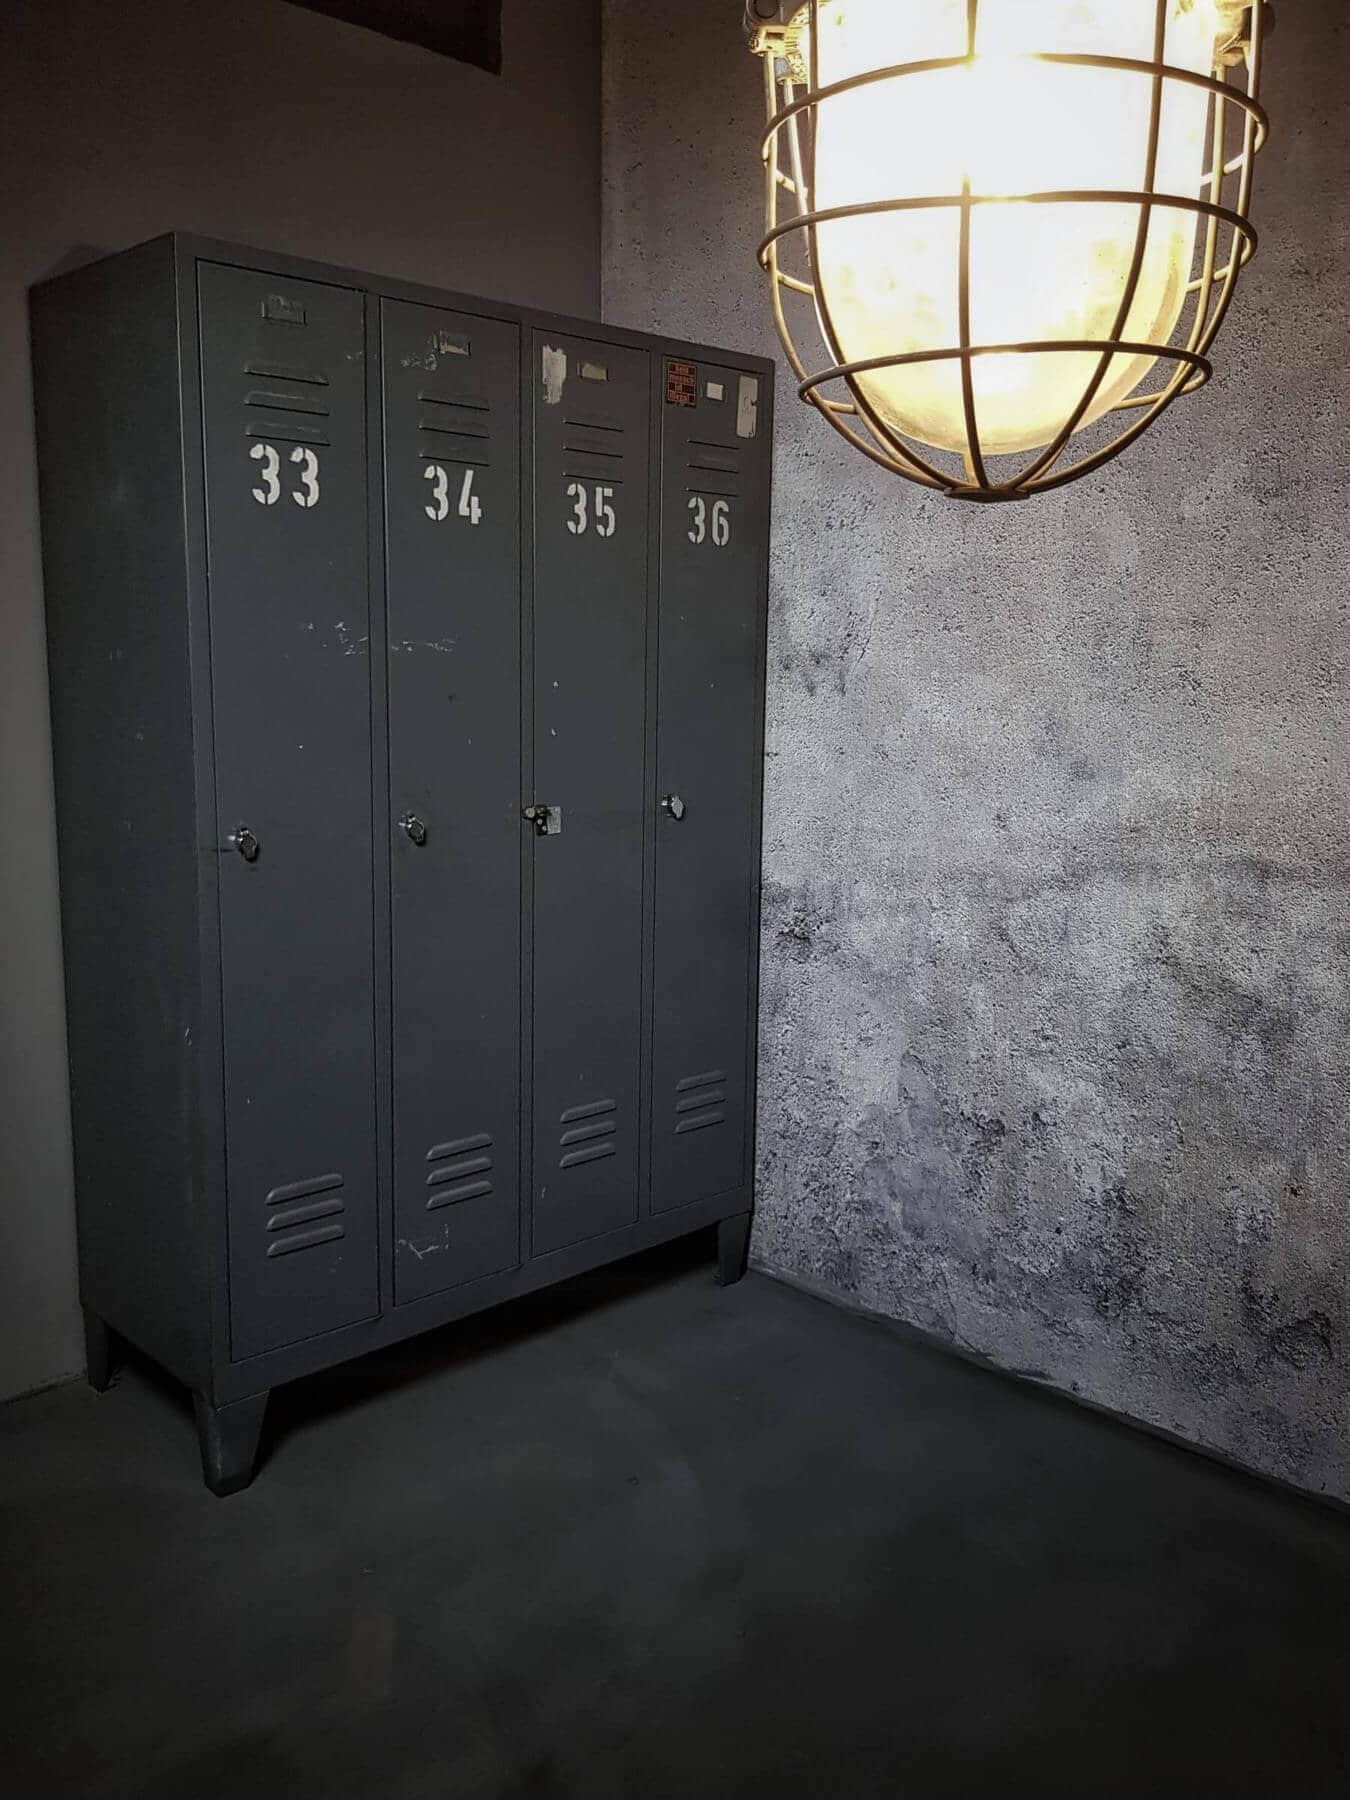 fotostudio mieten in berlin 02 - Mietstudio in Berlin - Fotostudio mieten